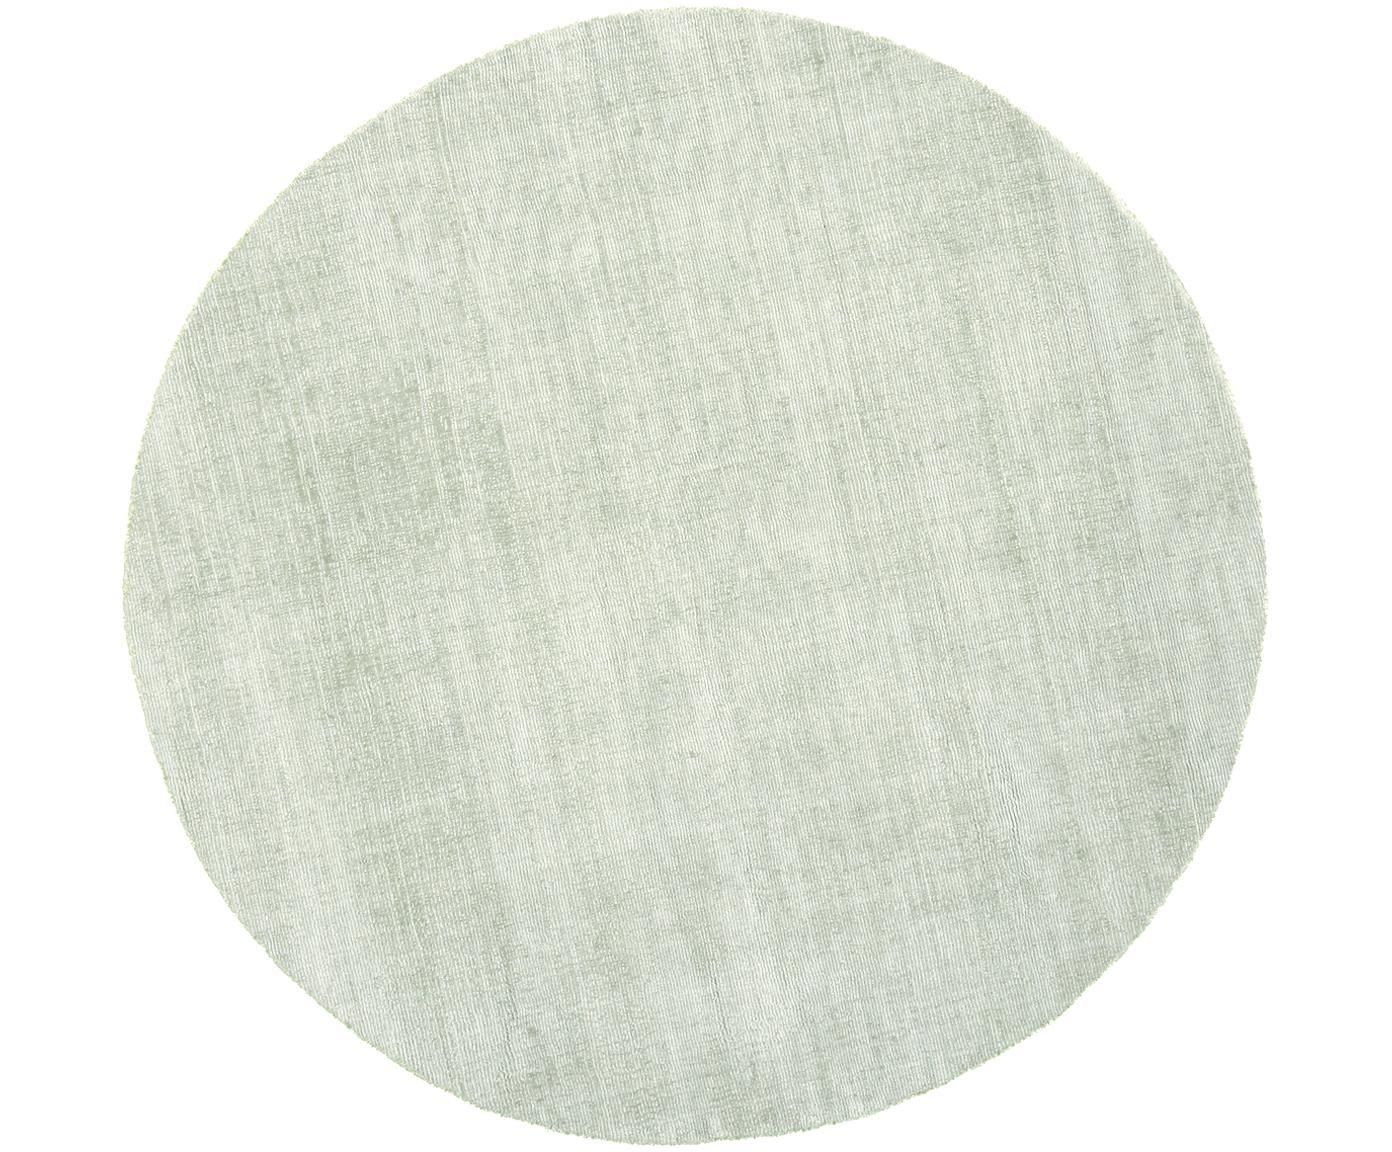 Runder Viskoseteppich Jane in Mintgrün, handgewebt, Flor: 100% Viskose, Mintgrün, Ø 120 cm (Größe S)